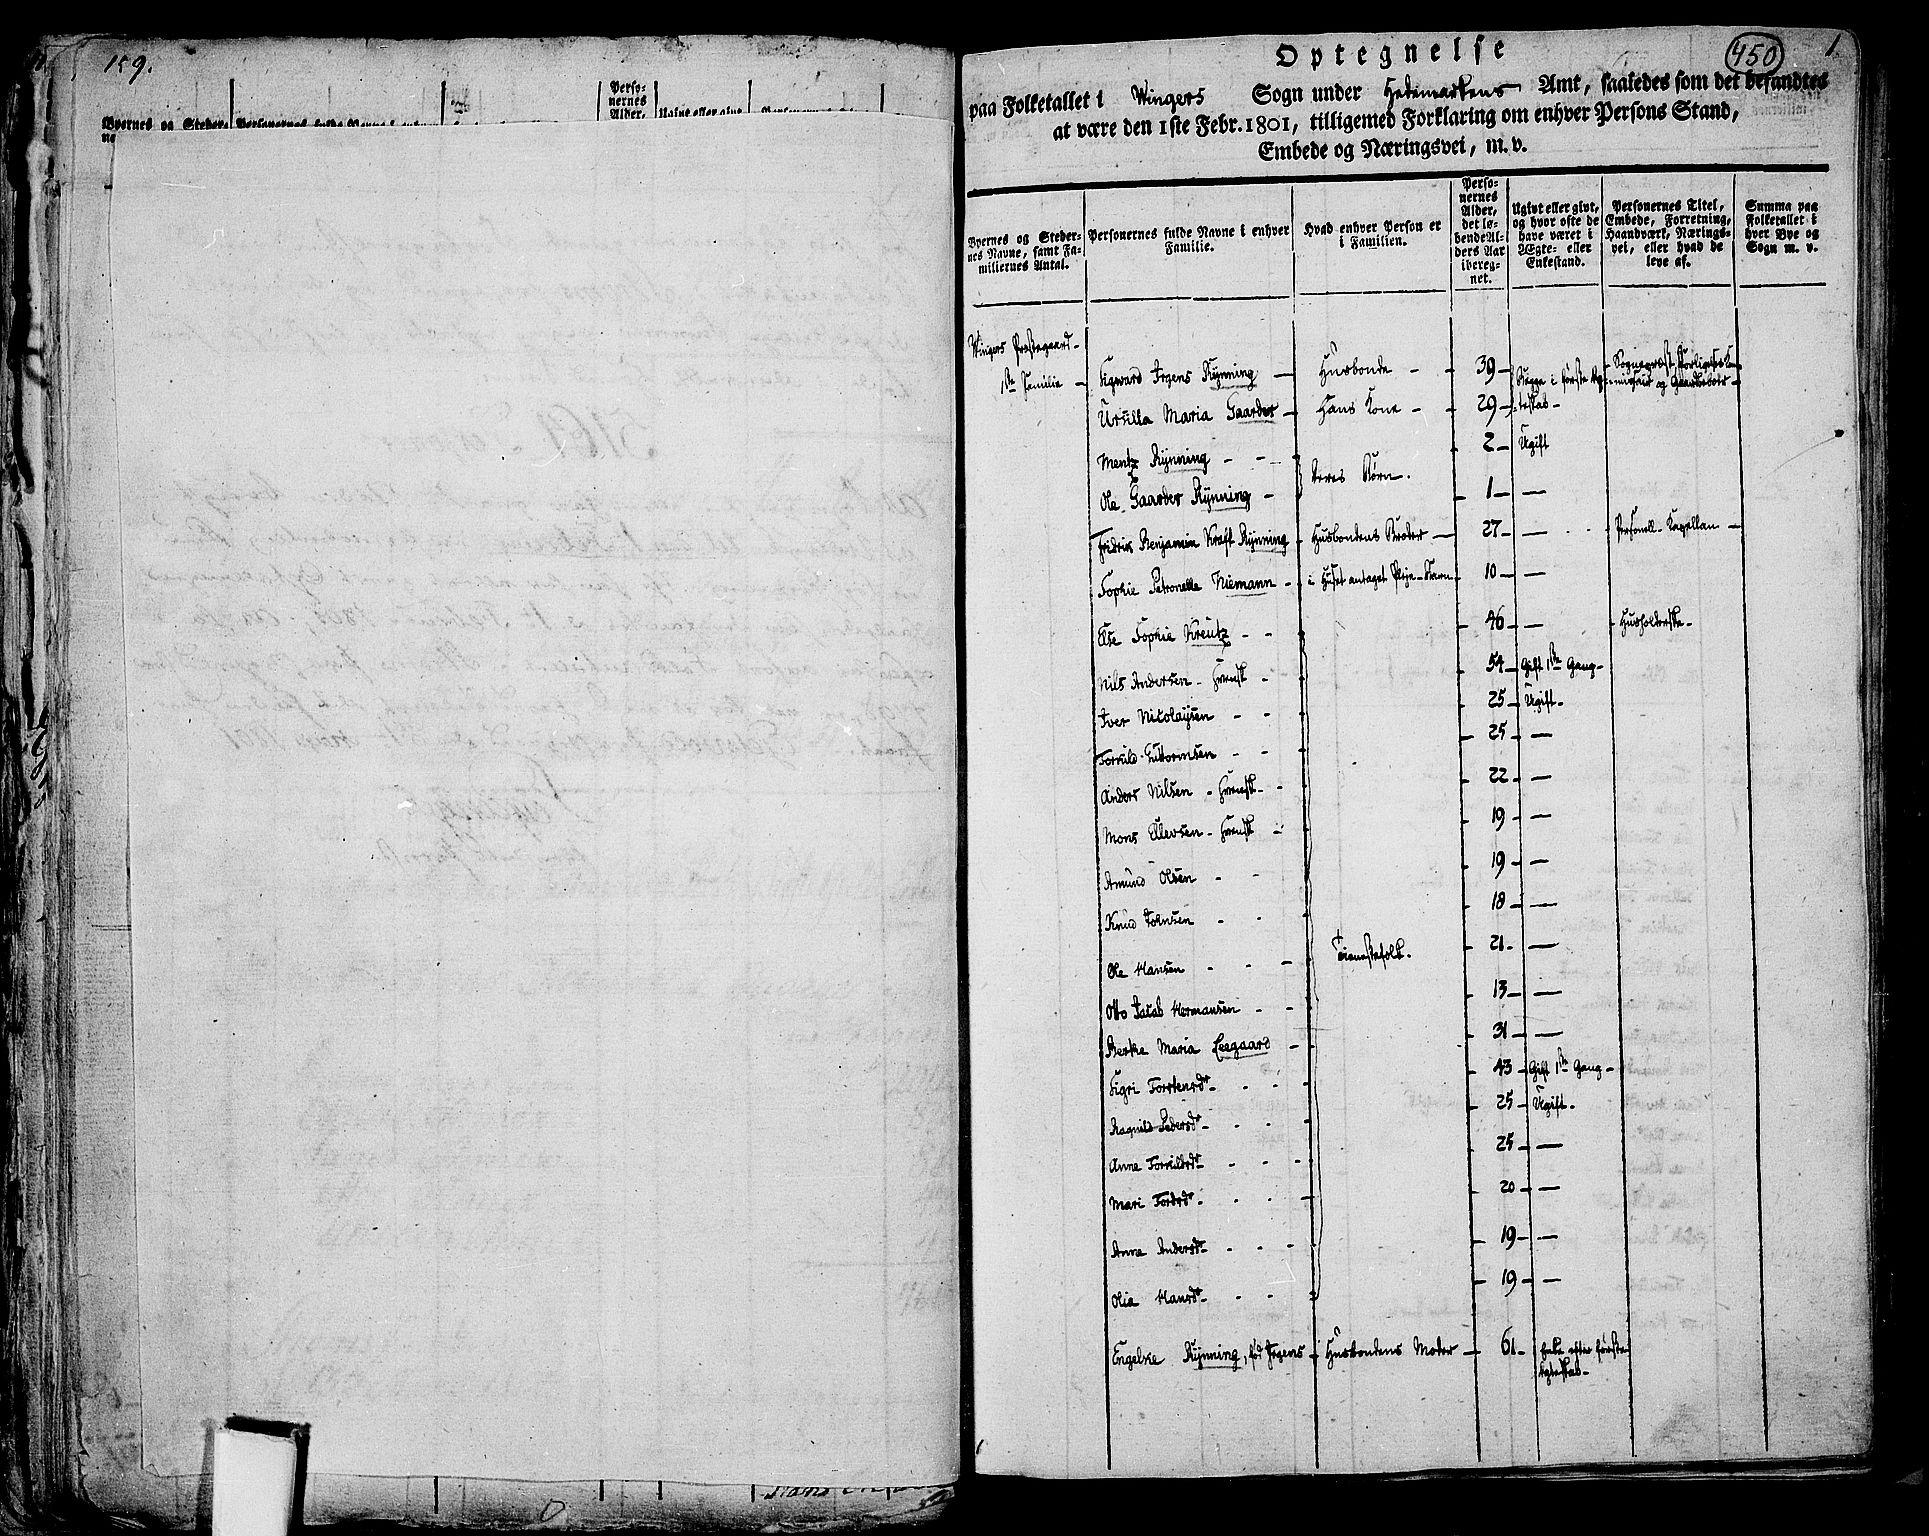 RA, Folketelling 1801 for 0421P Vinger prestegjeld, 1801, s. 449b-450a